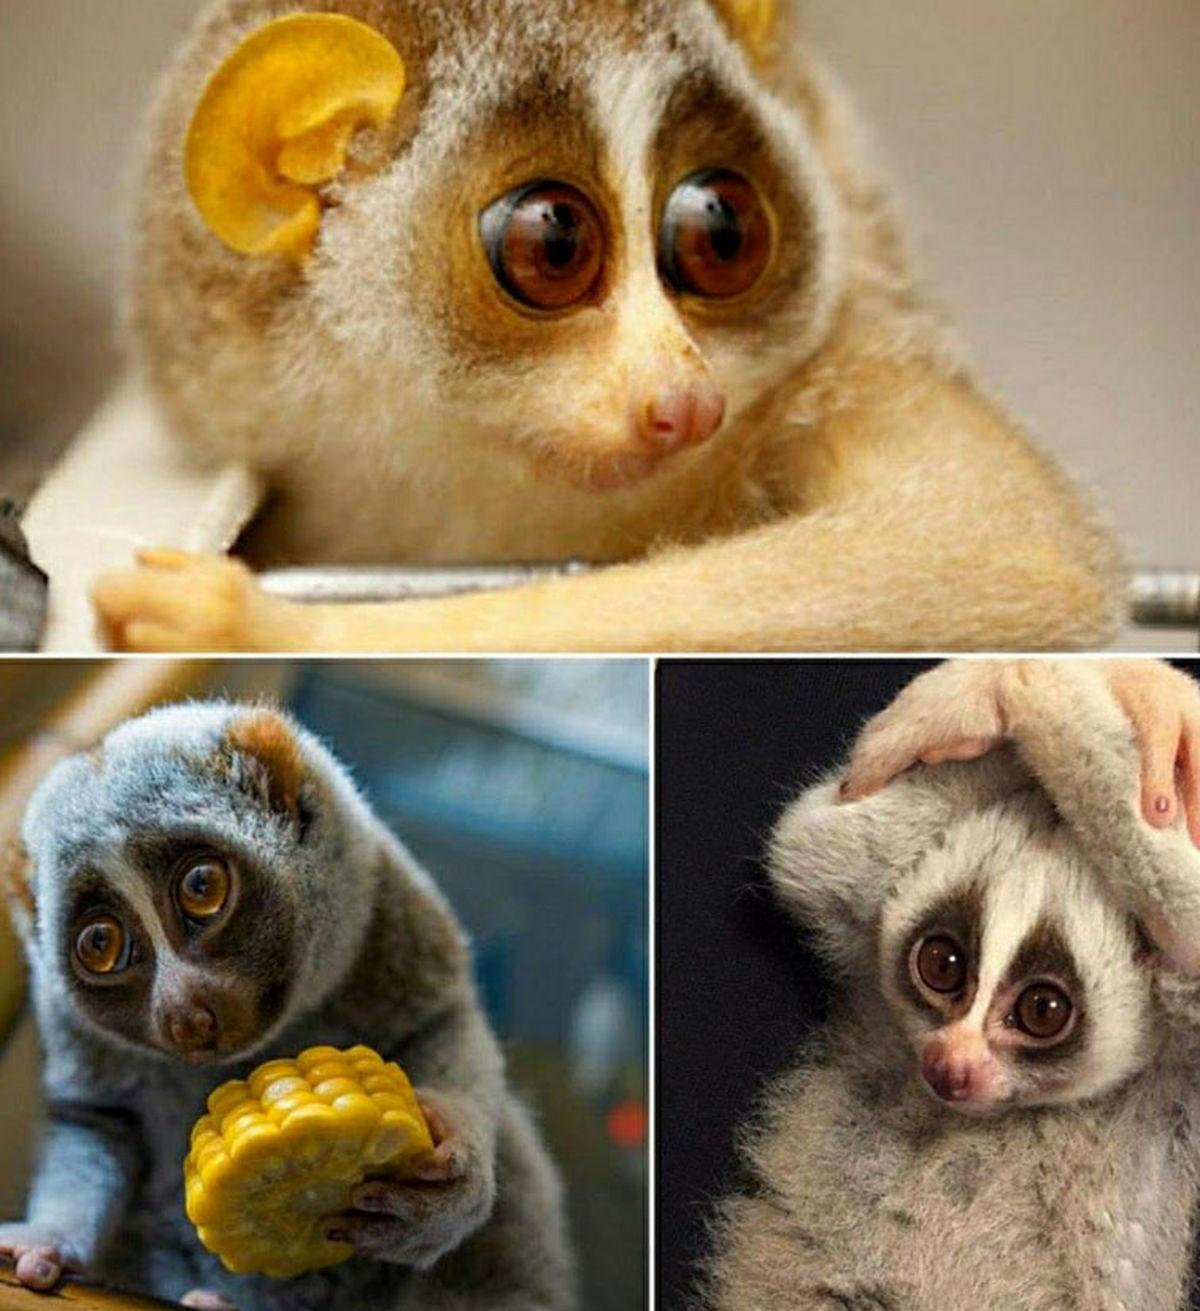 مظلوم ترین جانور دنیا که مثل انسان تسلیم می شود